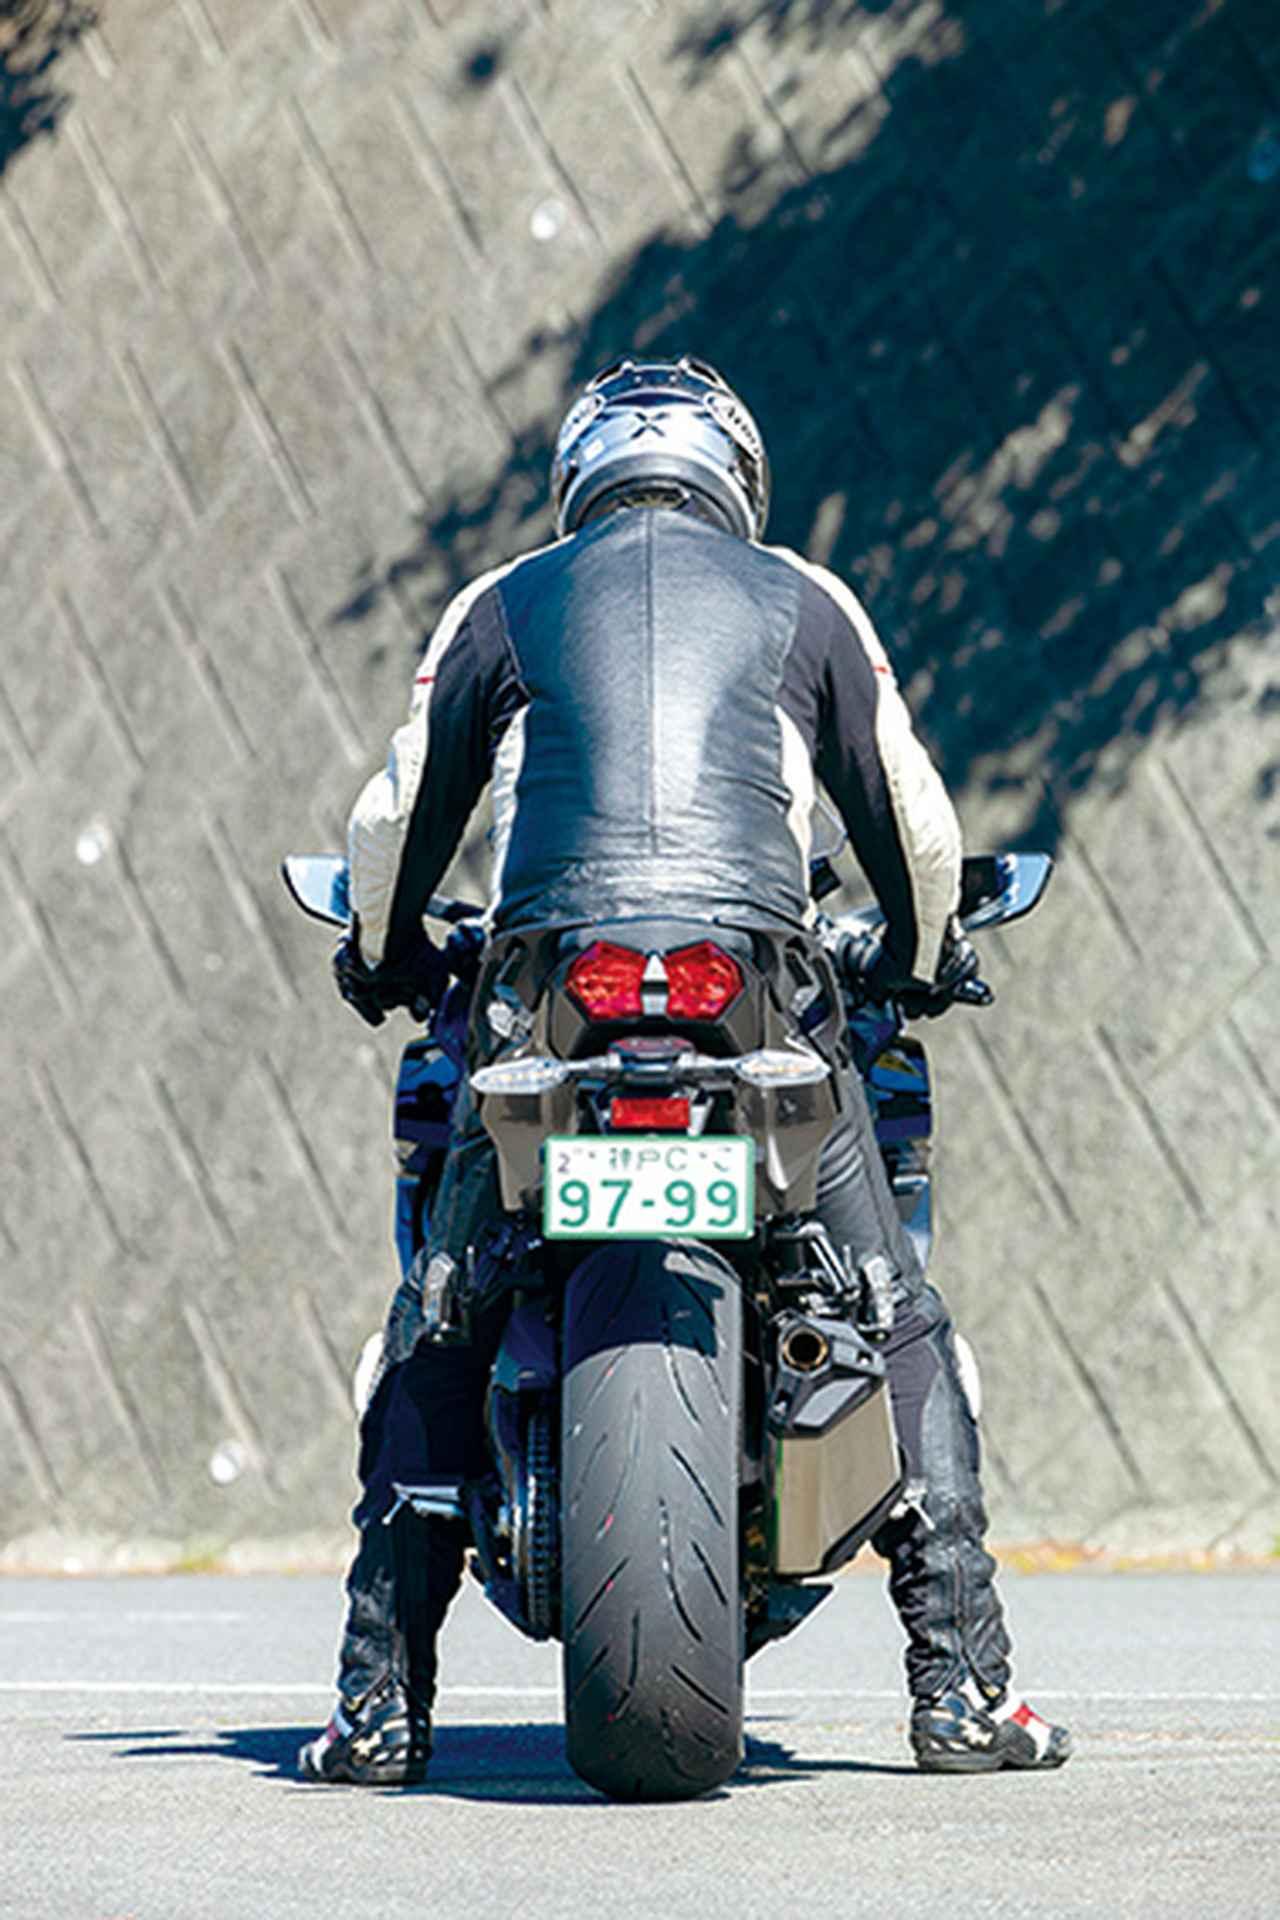 Images : 16番目の画像 - 「〝魔法の足〟を手に入れた極上のハイパフォーマンスツアラー!『KAWASAKI NINJA H2 SX SE+』(2019年)」のアルバム - LAWRENCE - Motorcycle x Cars + α = Your Life.